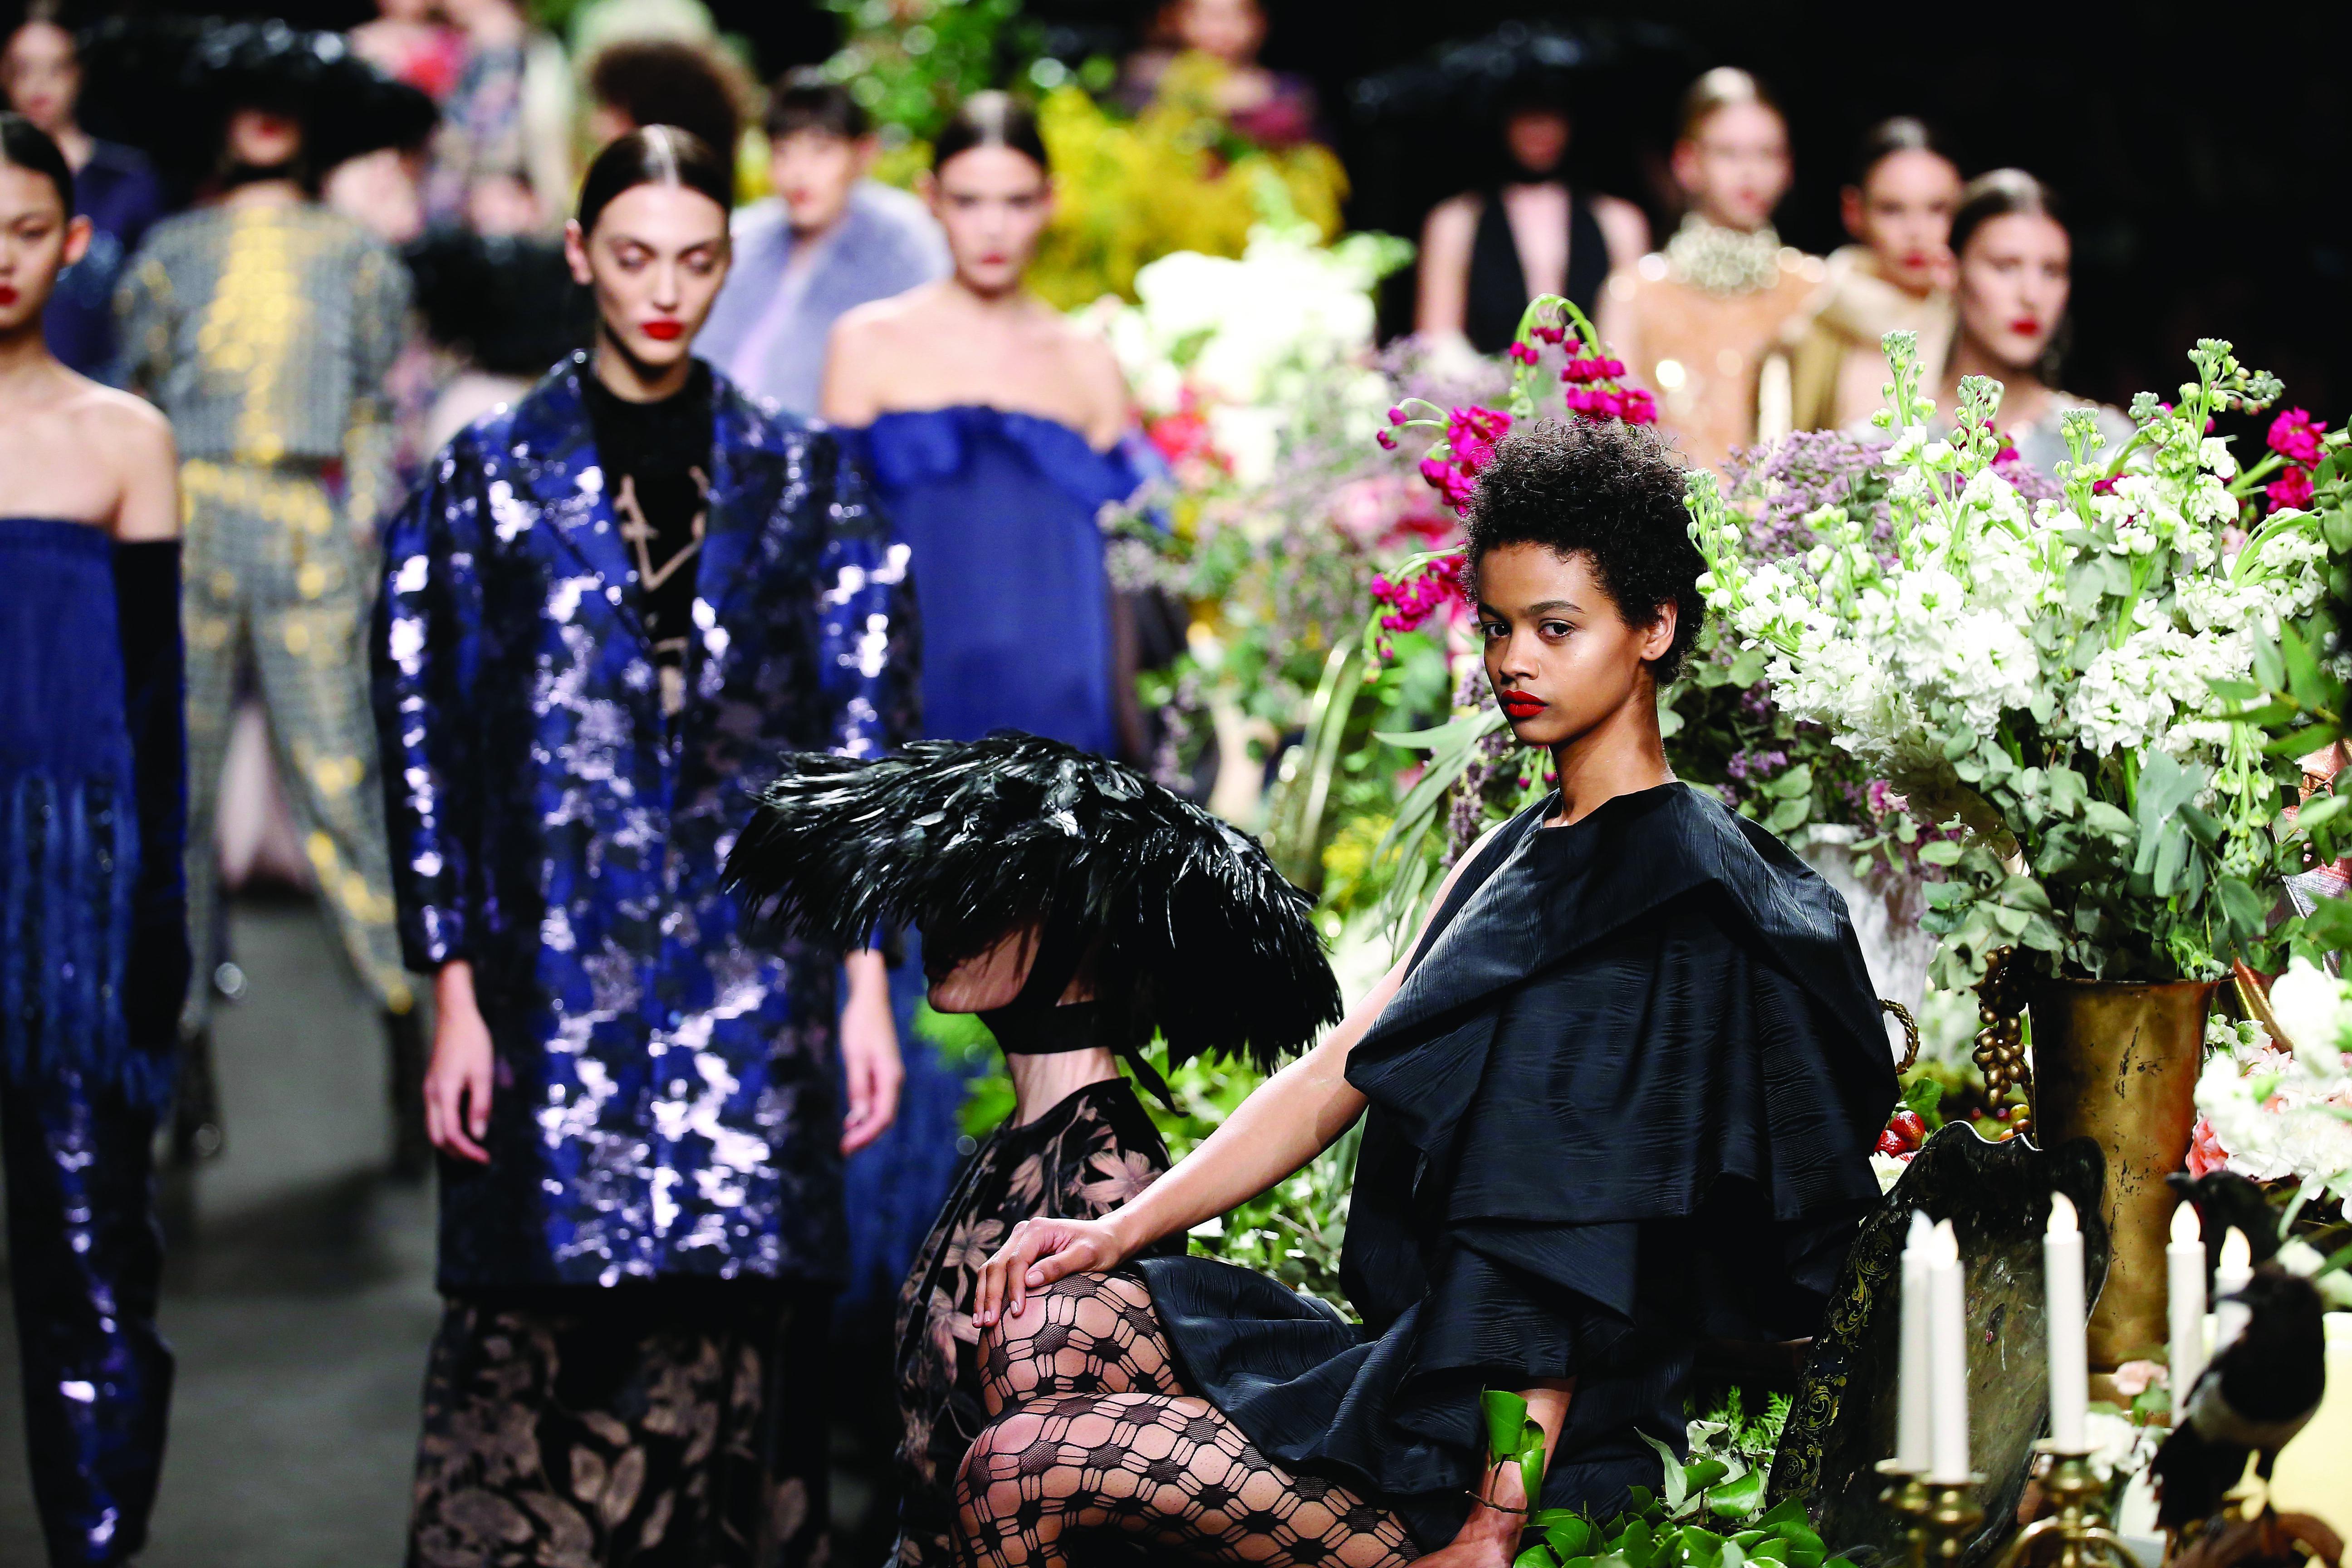 Duyos homenajea a los Paradores nacionales en su apuesta para la FW19-20 en la Mercedes Benz Fashion Week Madrid